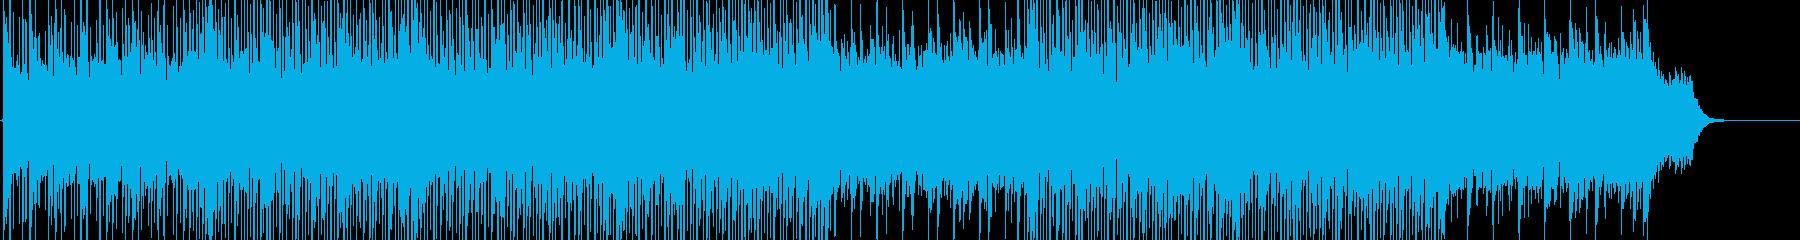 軽快で明るいハウステイストのBGMの再生済みの波形